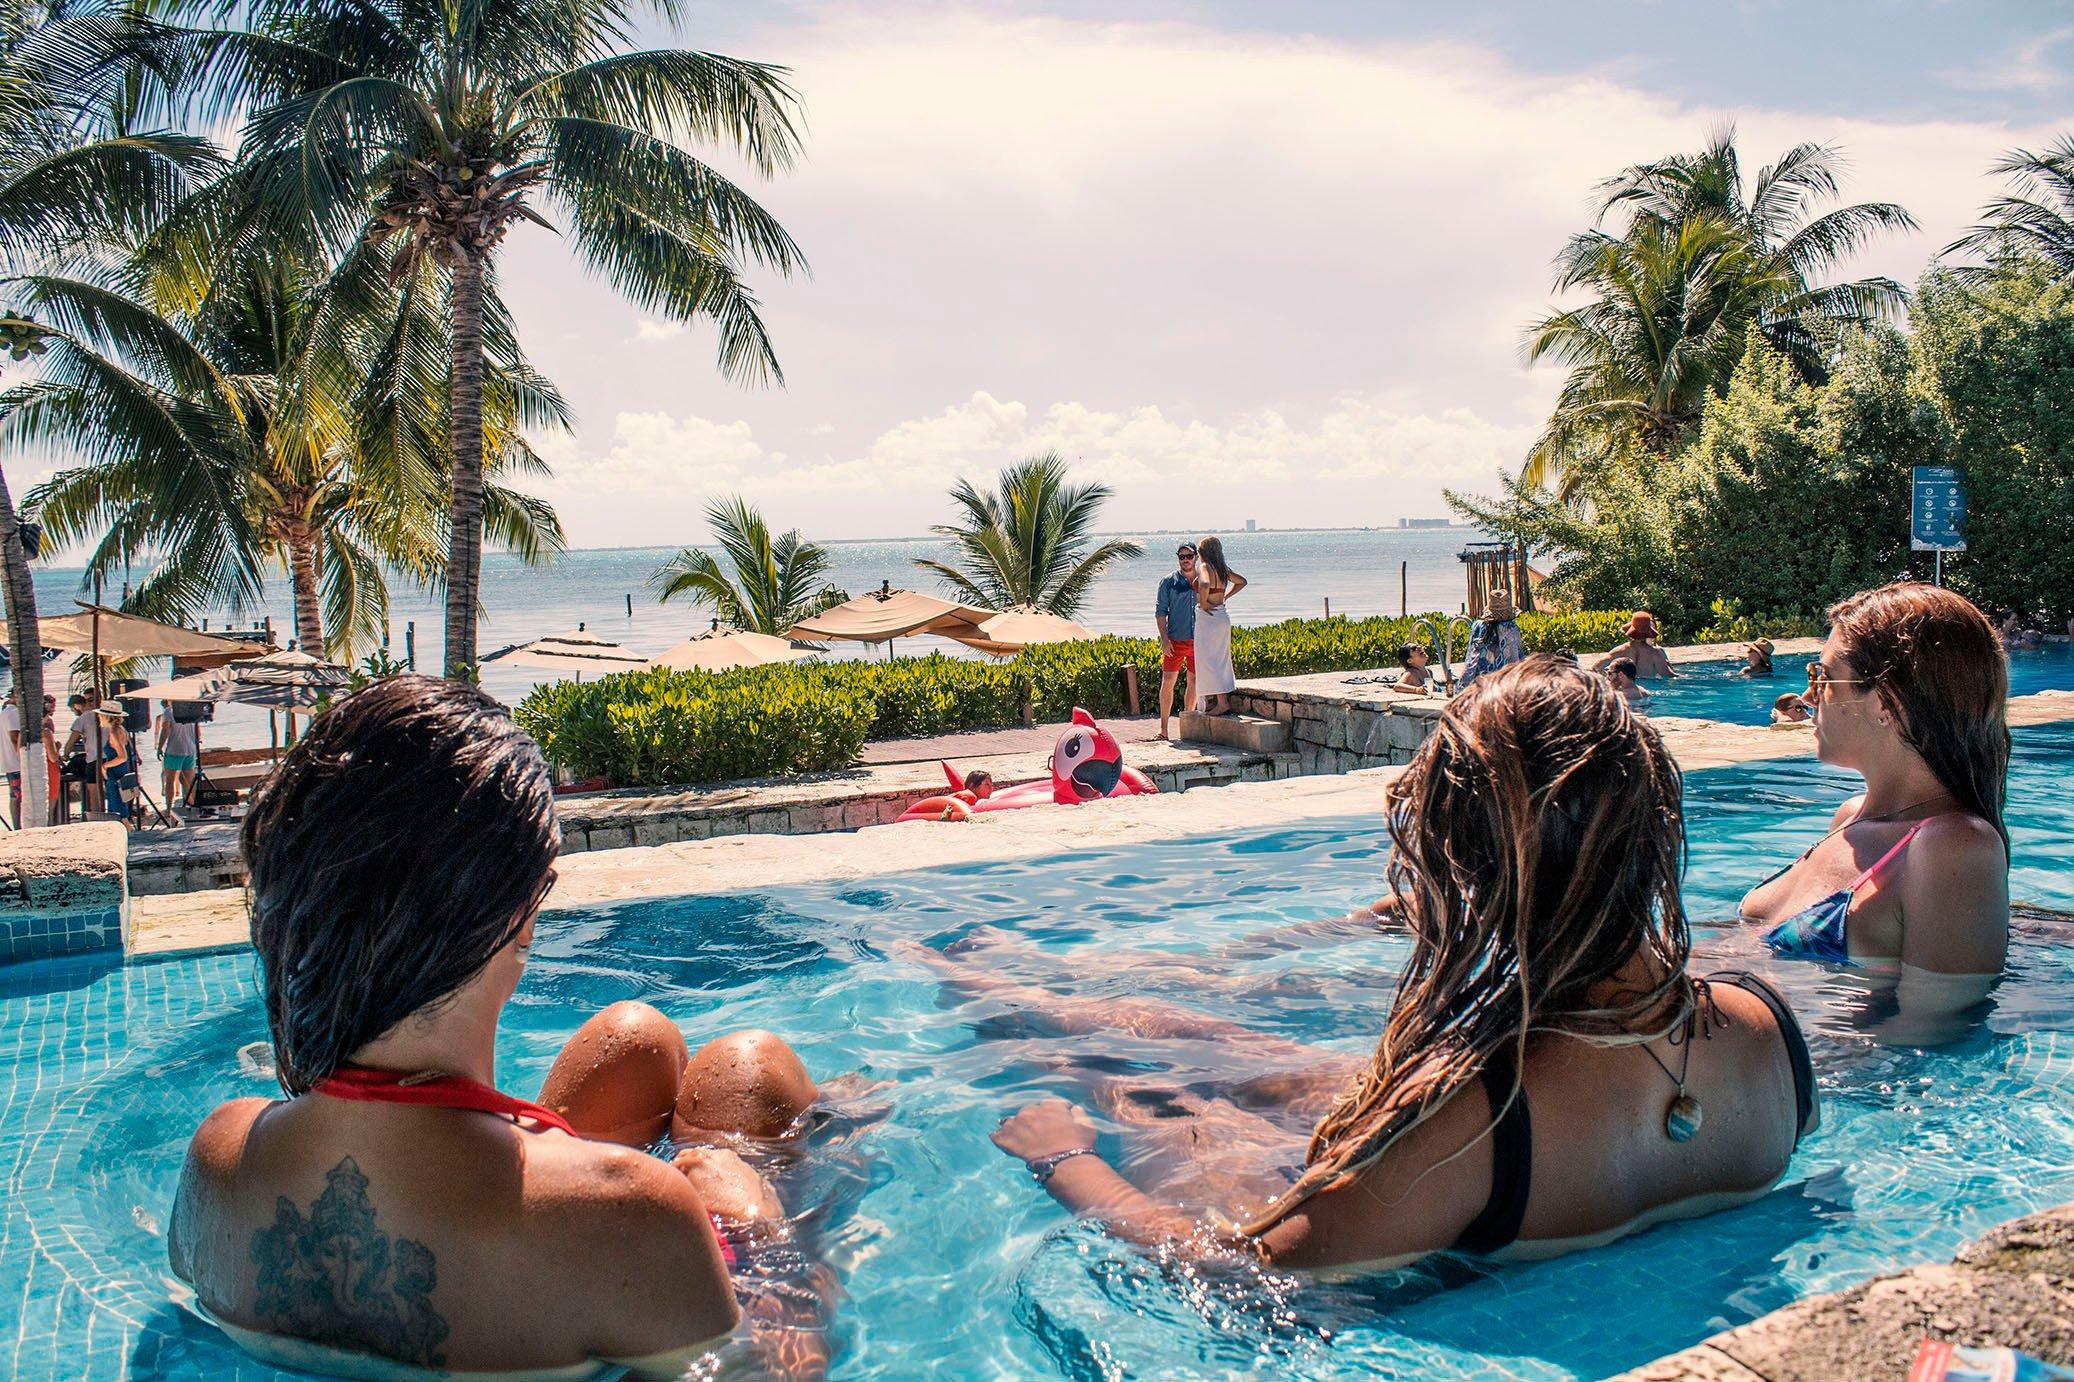 zama-beach-club-isla-mujeres-relaxing-cancun-sailing